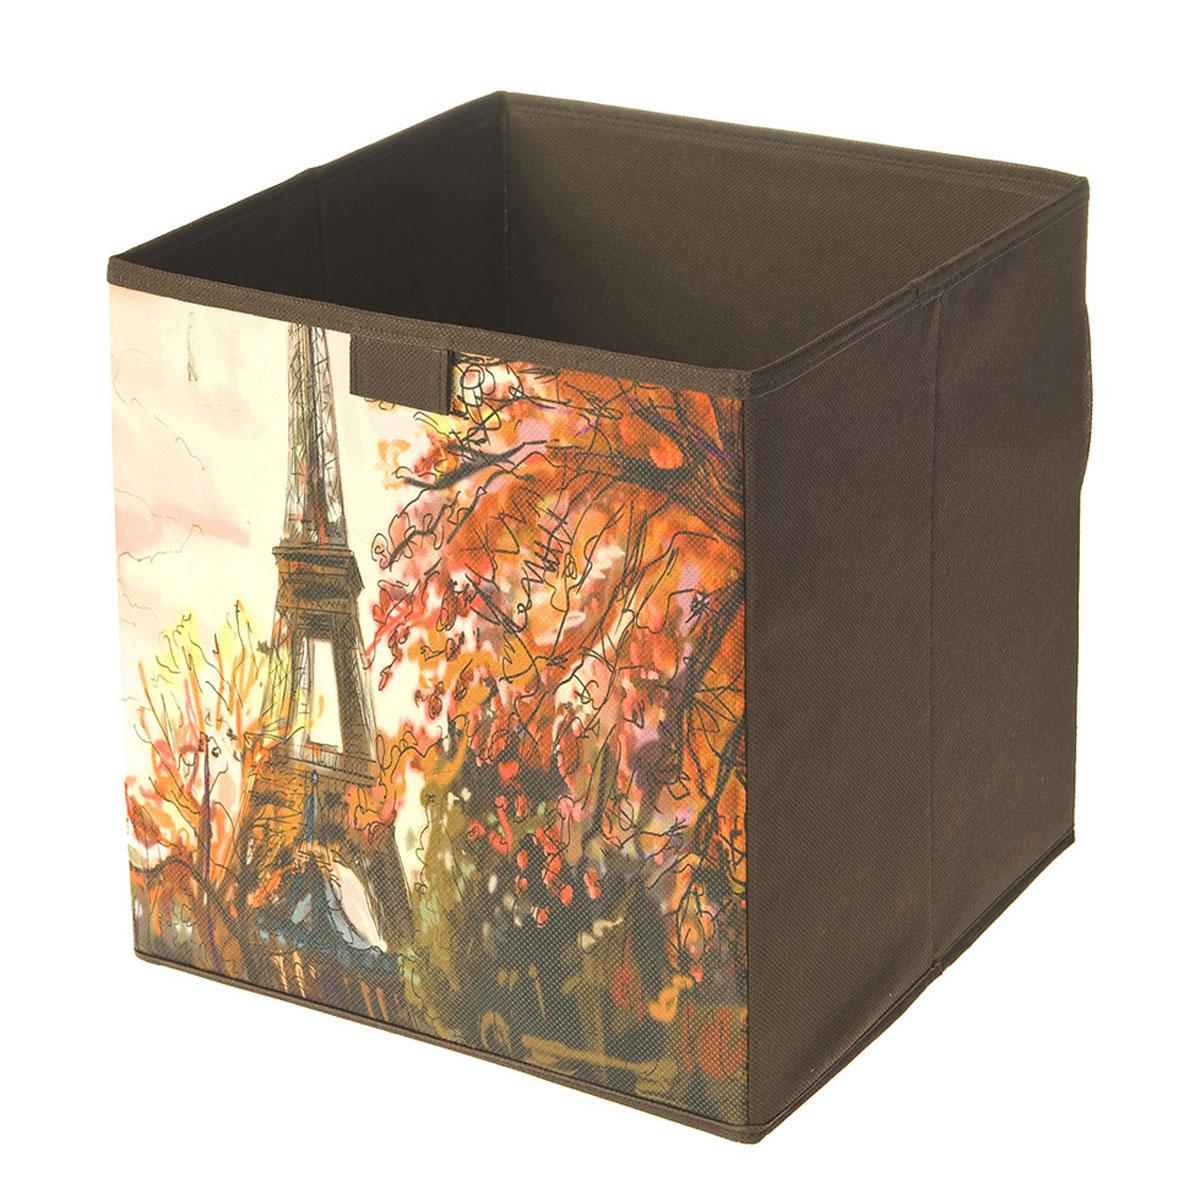 Коробка для хранения Youll love, 27 х 27 х 28 см70850